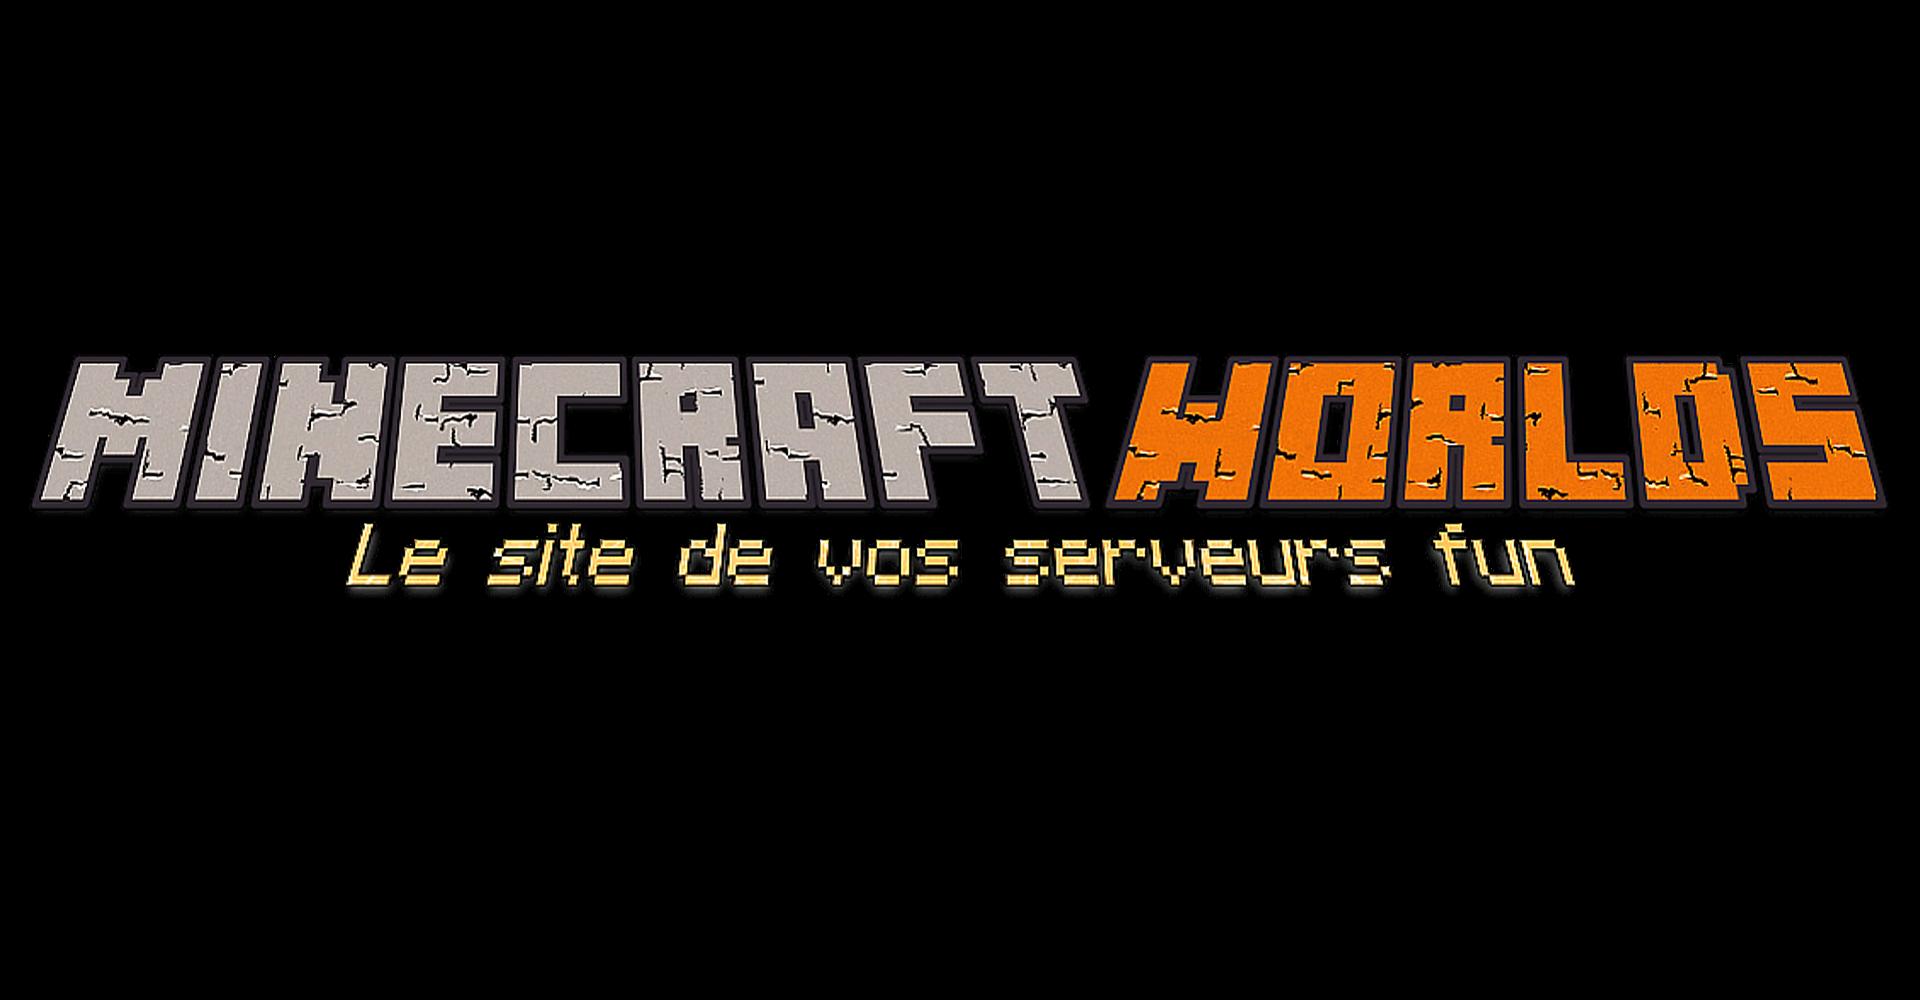 MinecraftWorlds